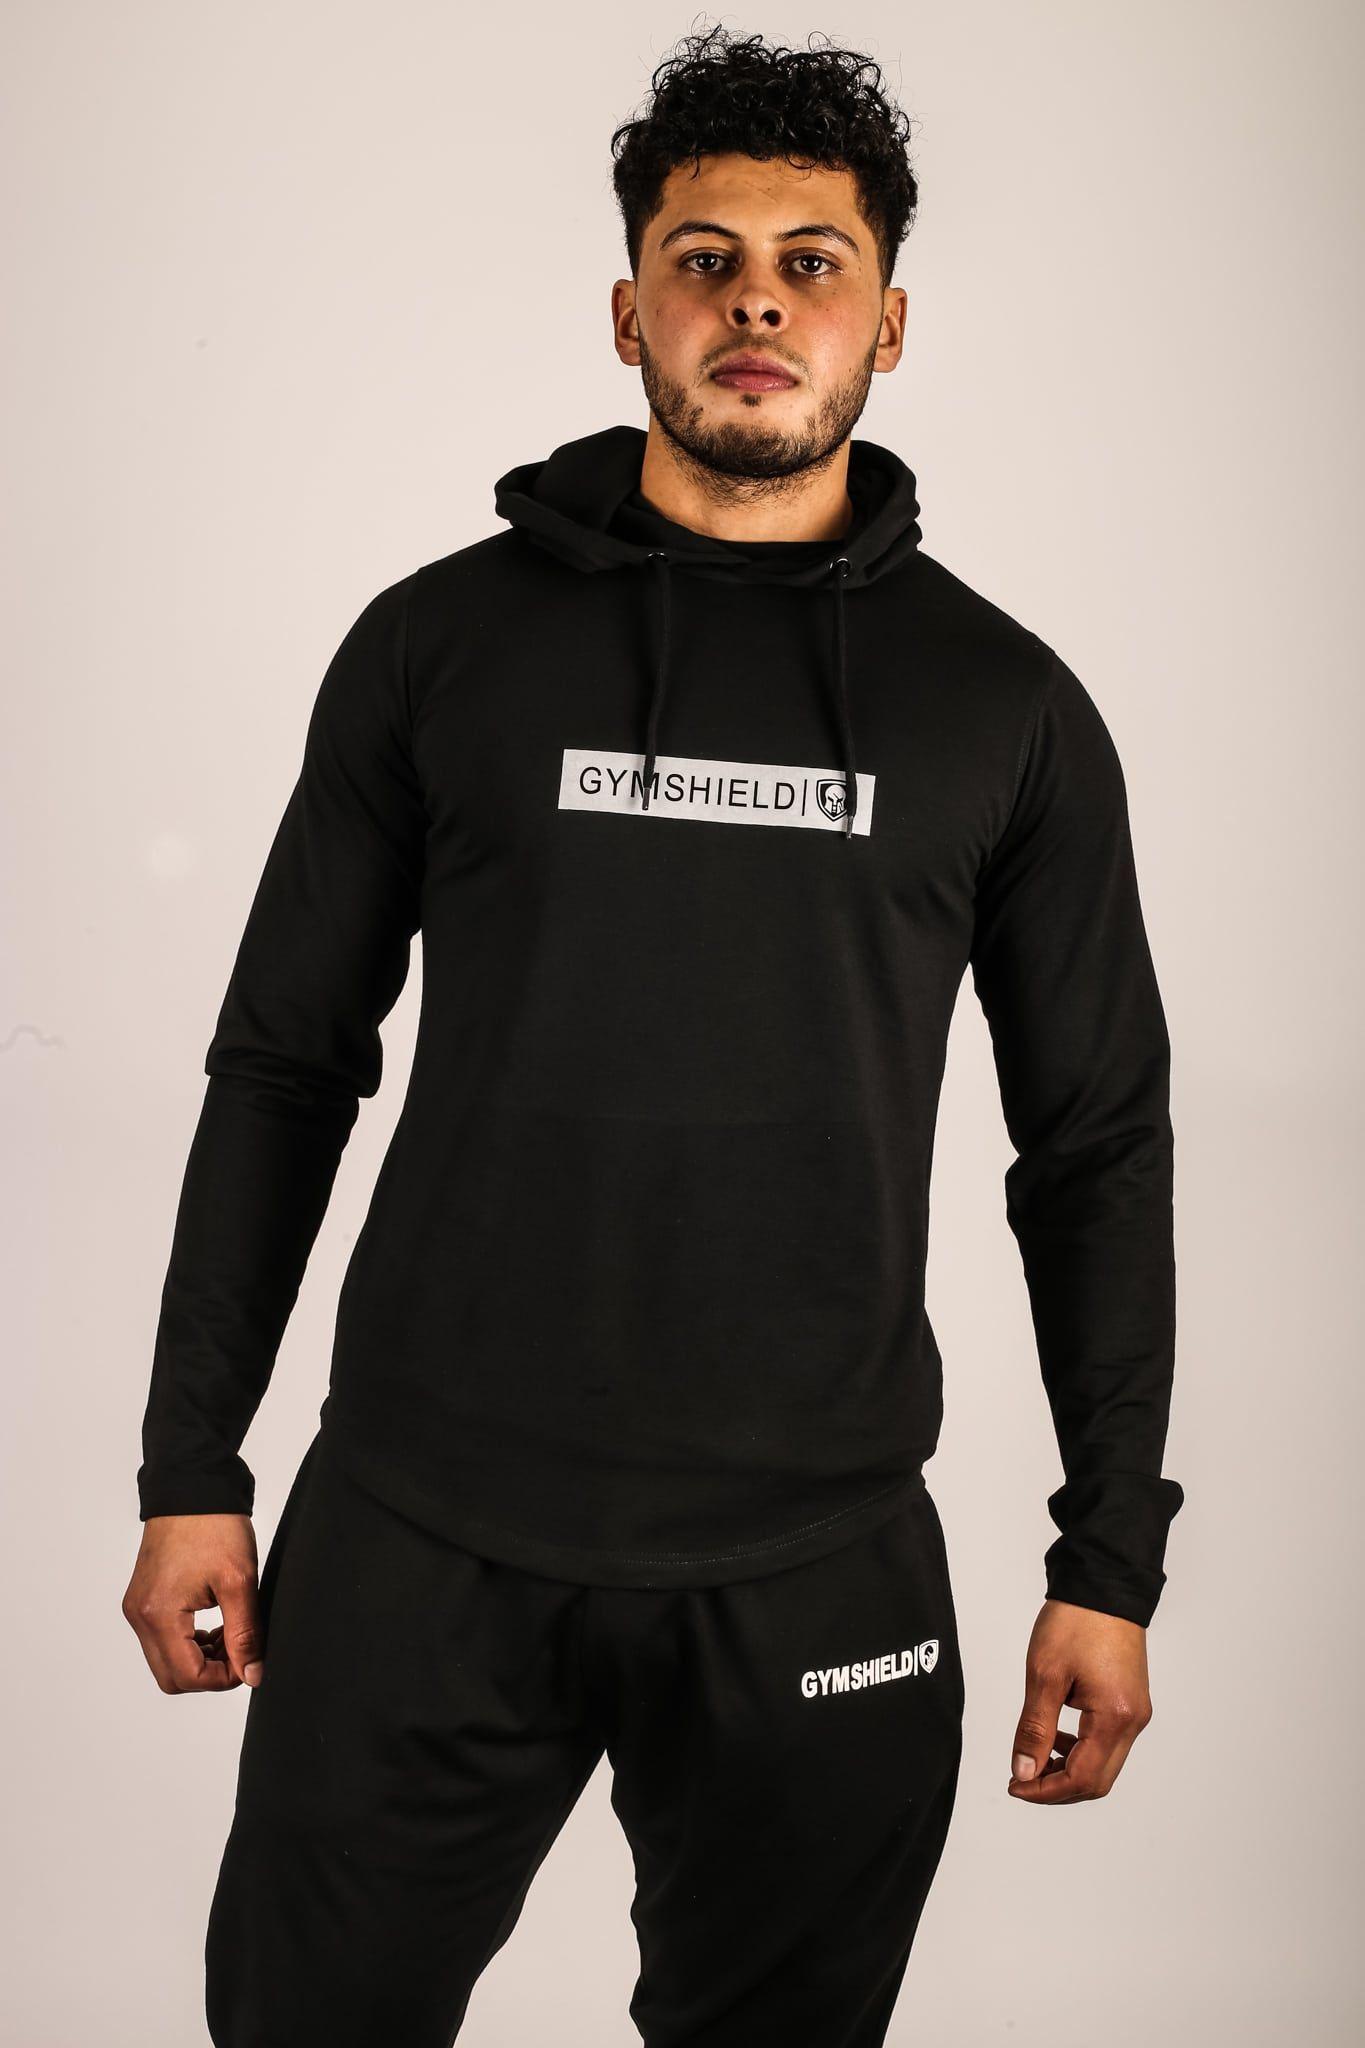 Lightweight Pullover Hoodie Black Gymshield We Aim